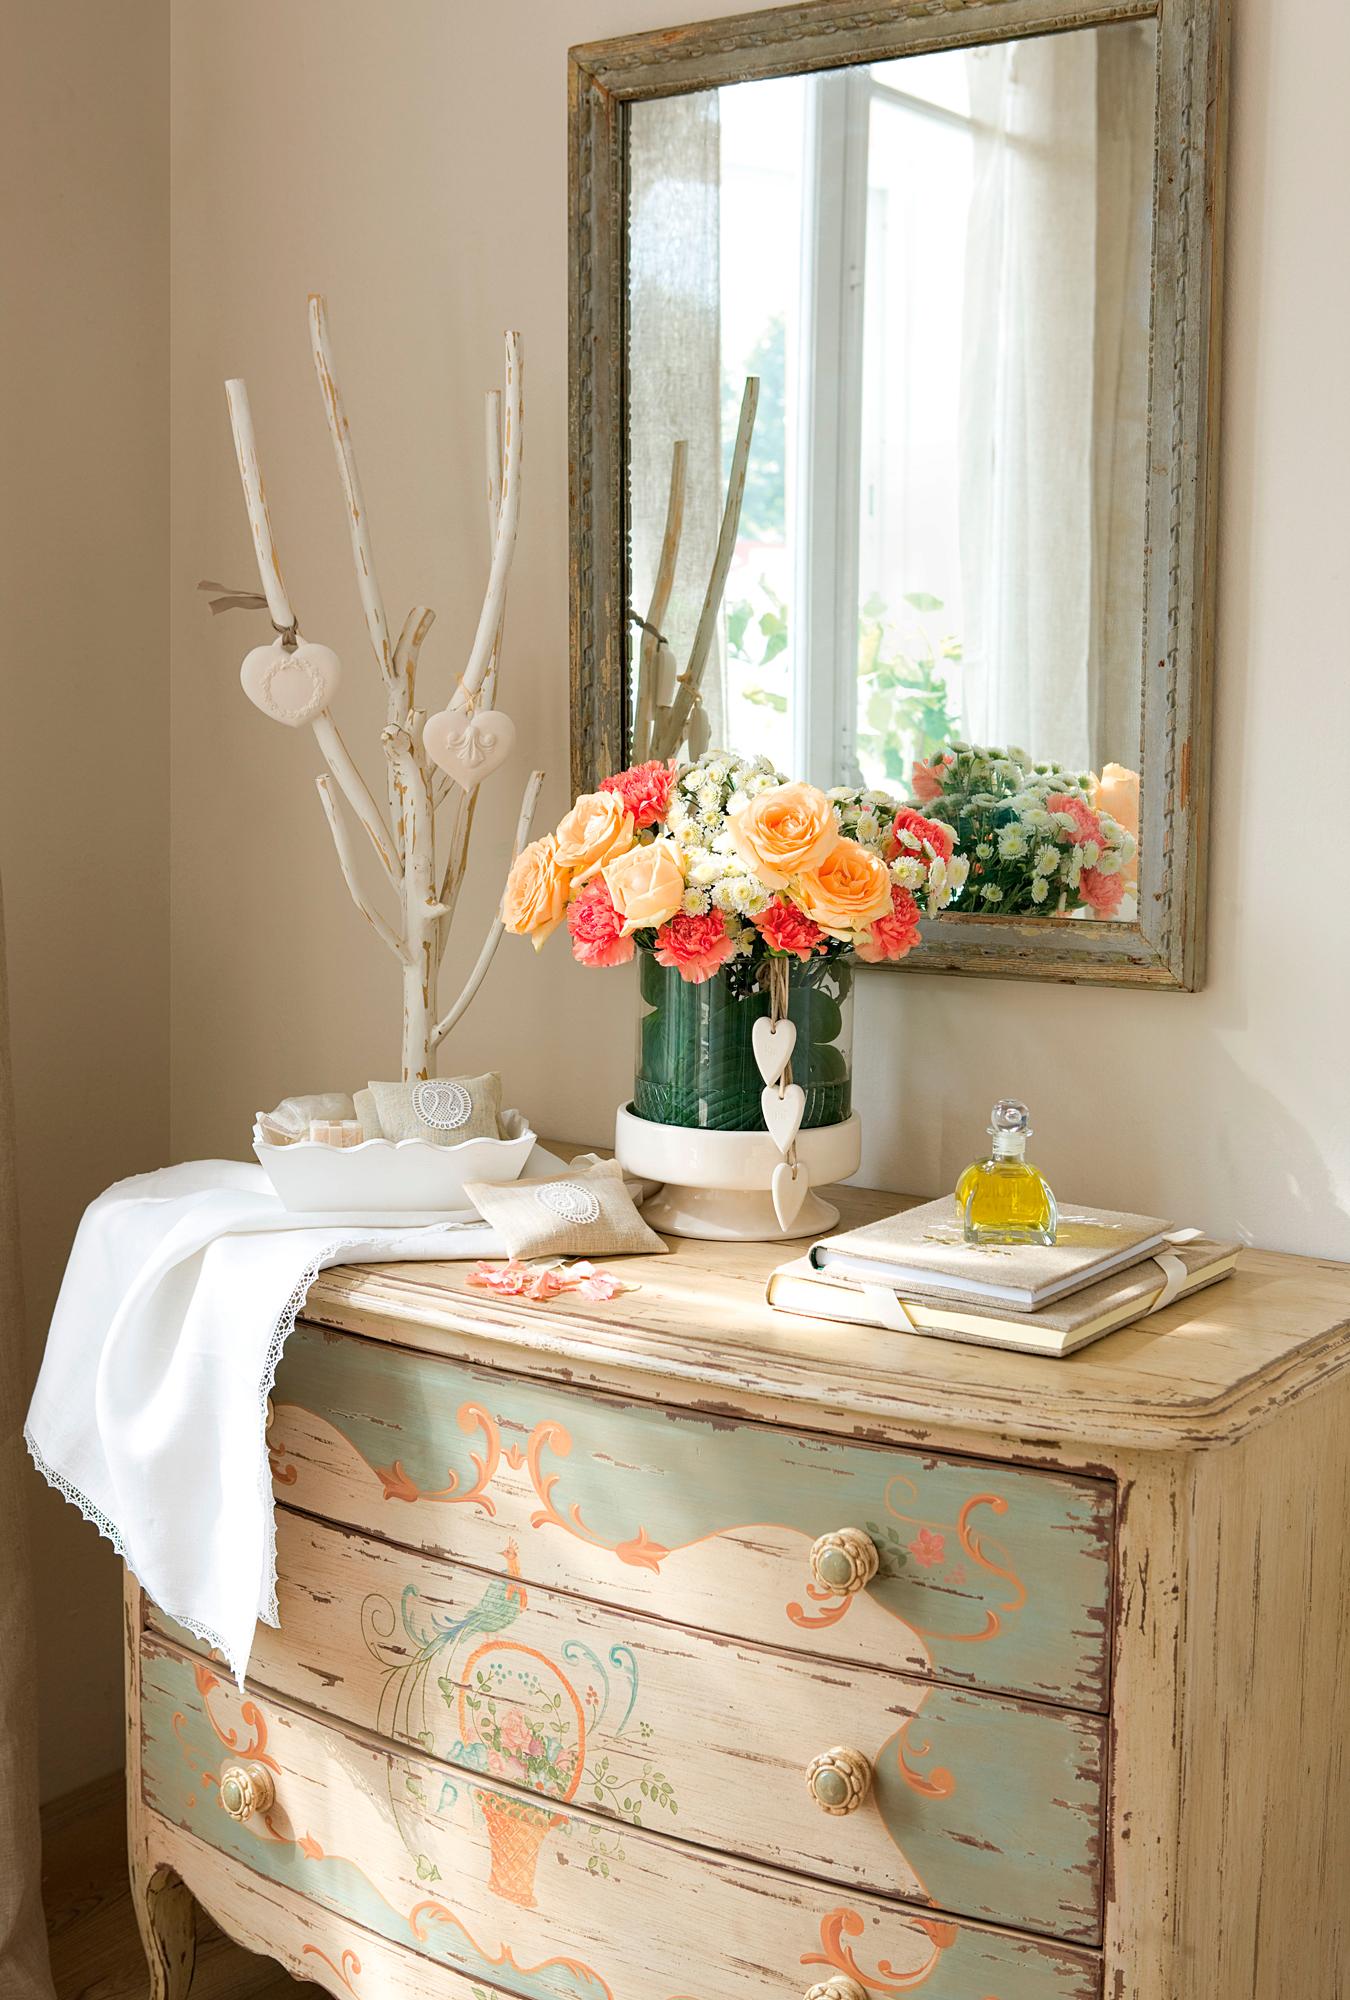 10 razones para poner una c moda en tu casa for Comoda mueble